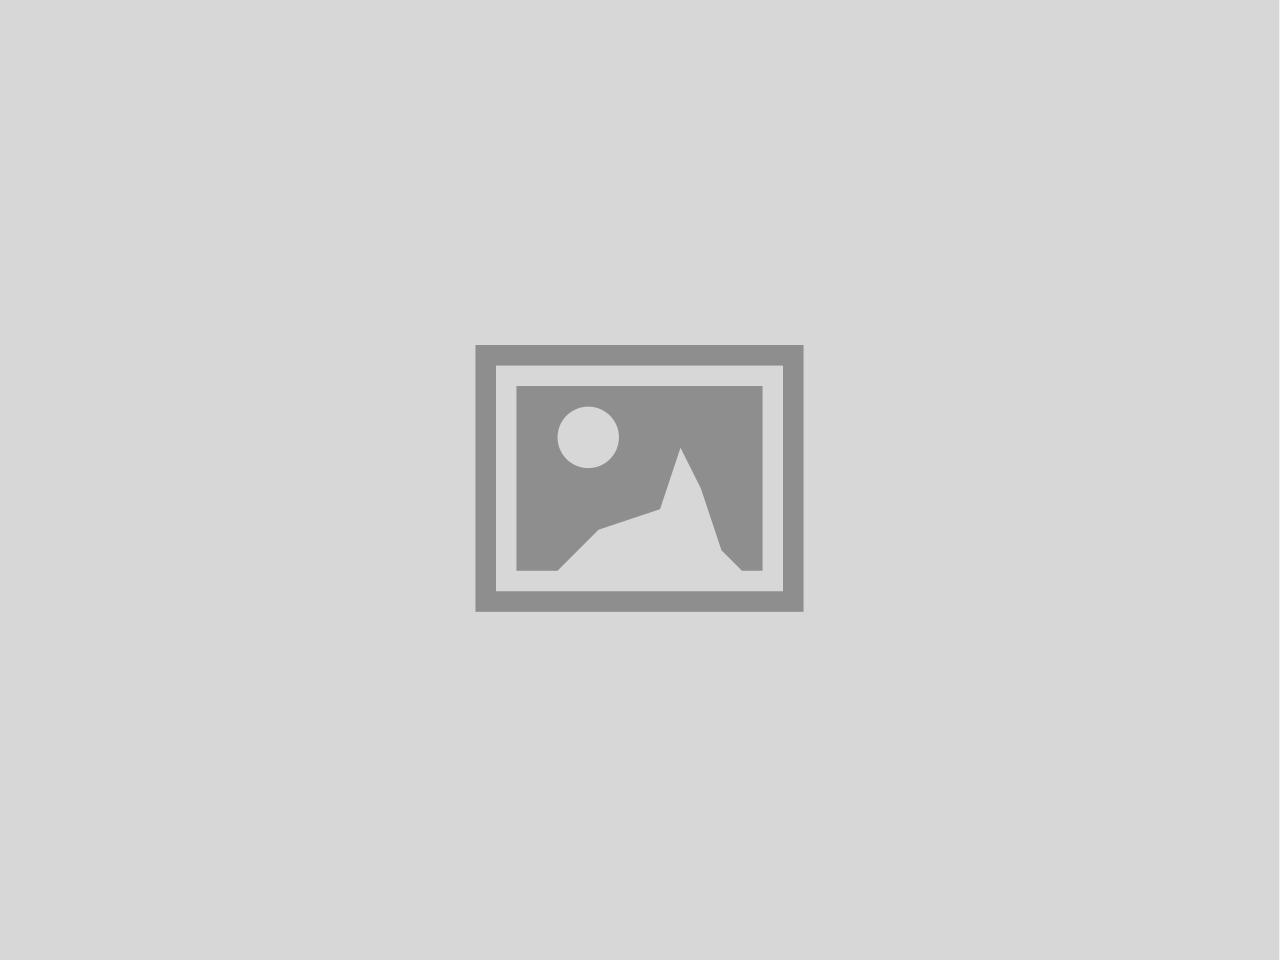 سفر دبیر ستاد فرهنگسازی اقتصاد دانشبنیان و صنایع نرم و خلاق به استان همدان